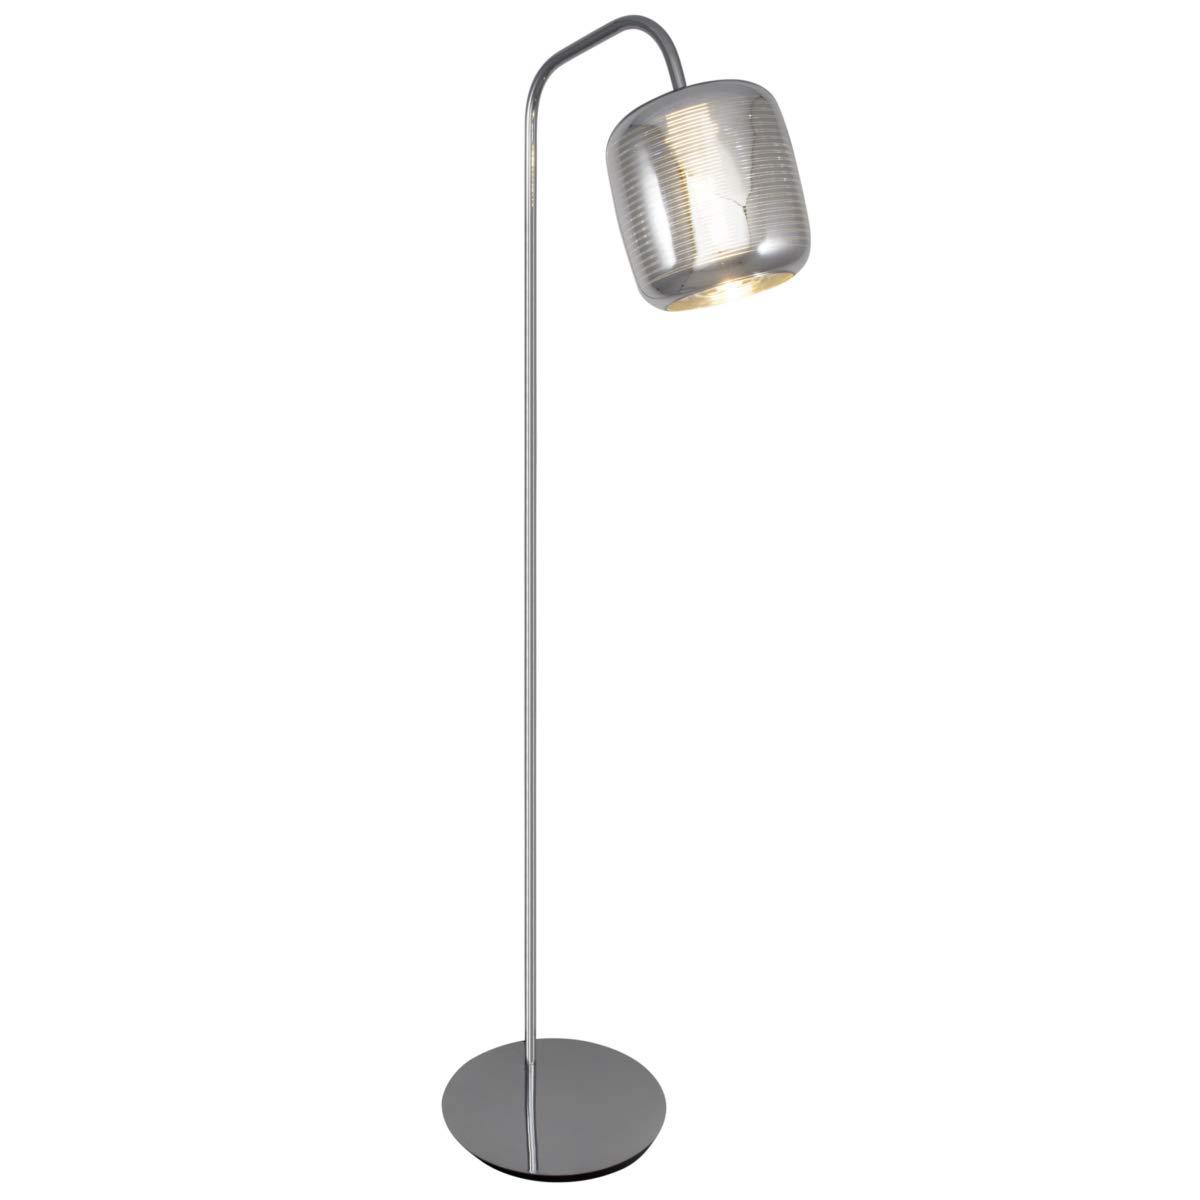 Stand Steh Leuchte Boden Lampe Licht FEELING chrom silber gold gestreift Glas